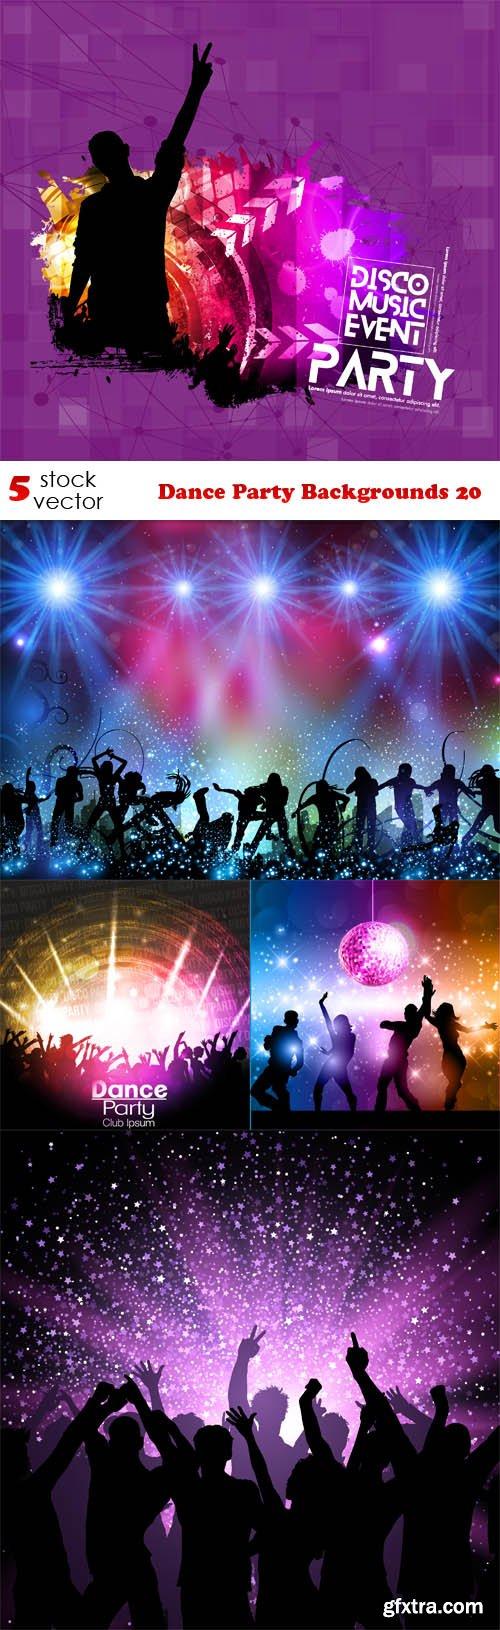 Vectors - Dance Party Backgrounds 20